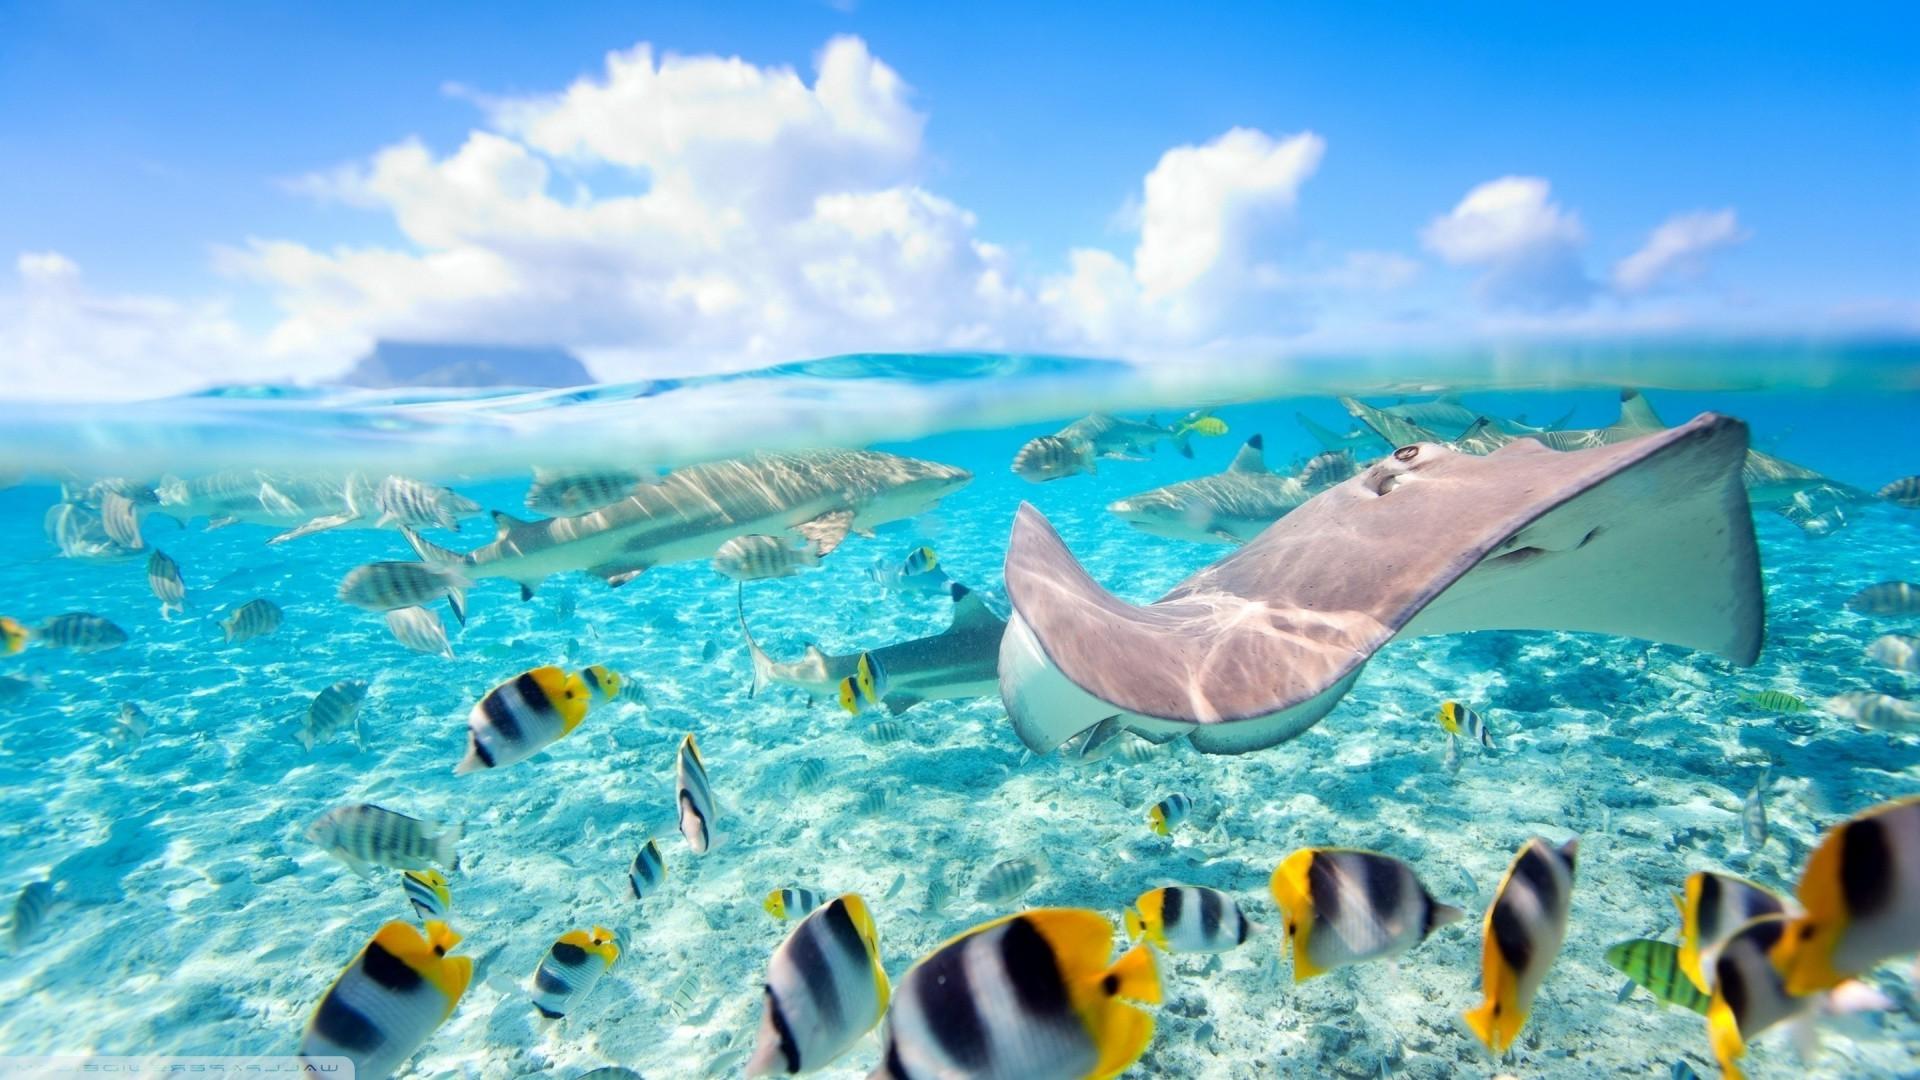 Coral Reef Wallpaper Hd Fond D 233 Cran Mer Poisson Sous Marin R 233 Cif De Corail